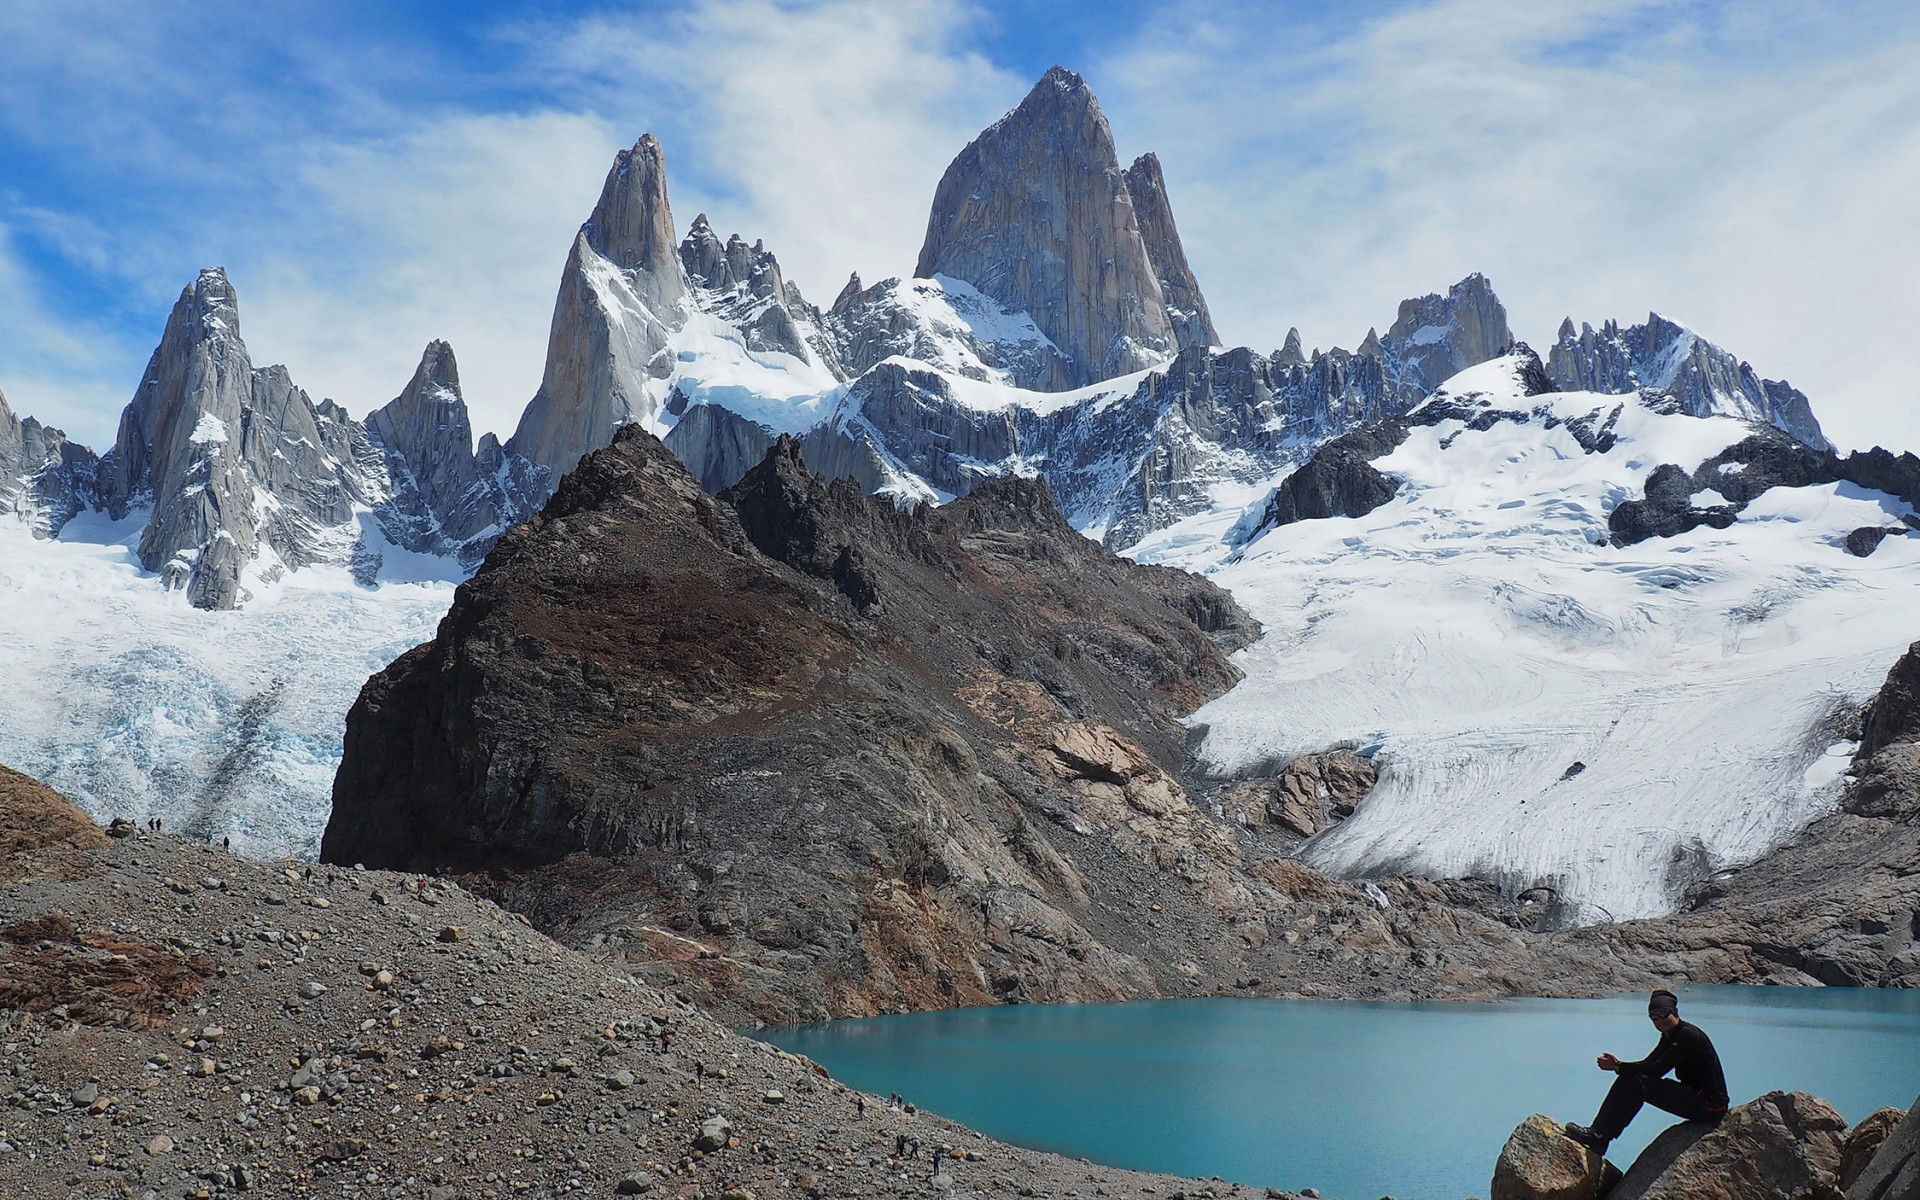 « Parvenir à se hisser au sommet d'une montagne par la force de son corps, c'est une expérience émouvante et unique. C'est bien pour cette raison que nous n'empruntons pas le téléphérique. »